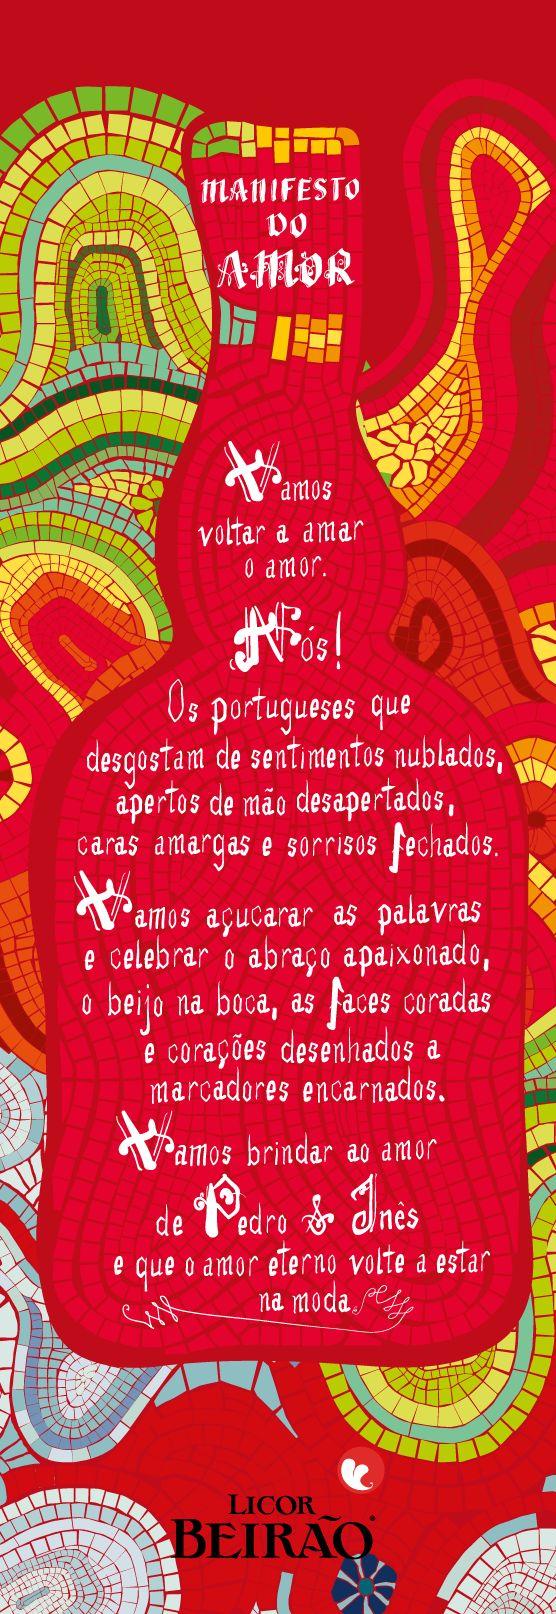 Licor Beirão - Manifesto do Amor